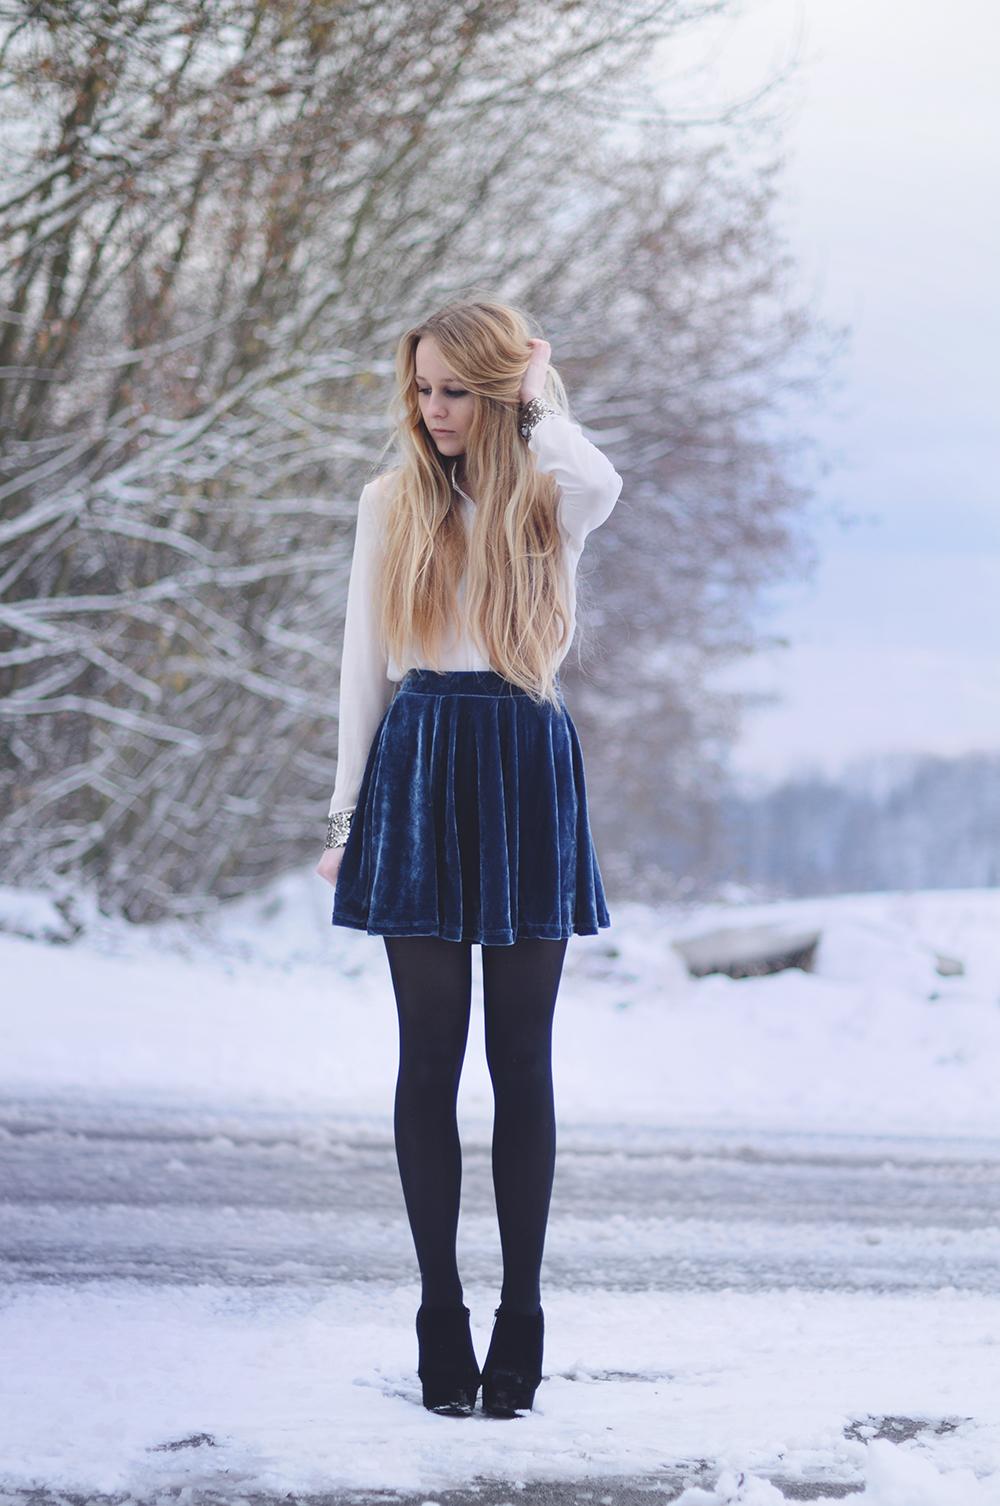 Фотографії блондинок і зима 16 фотография